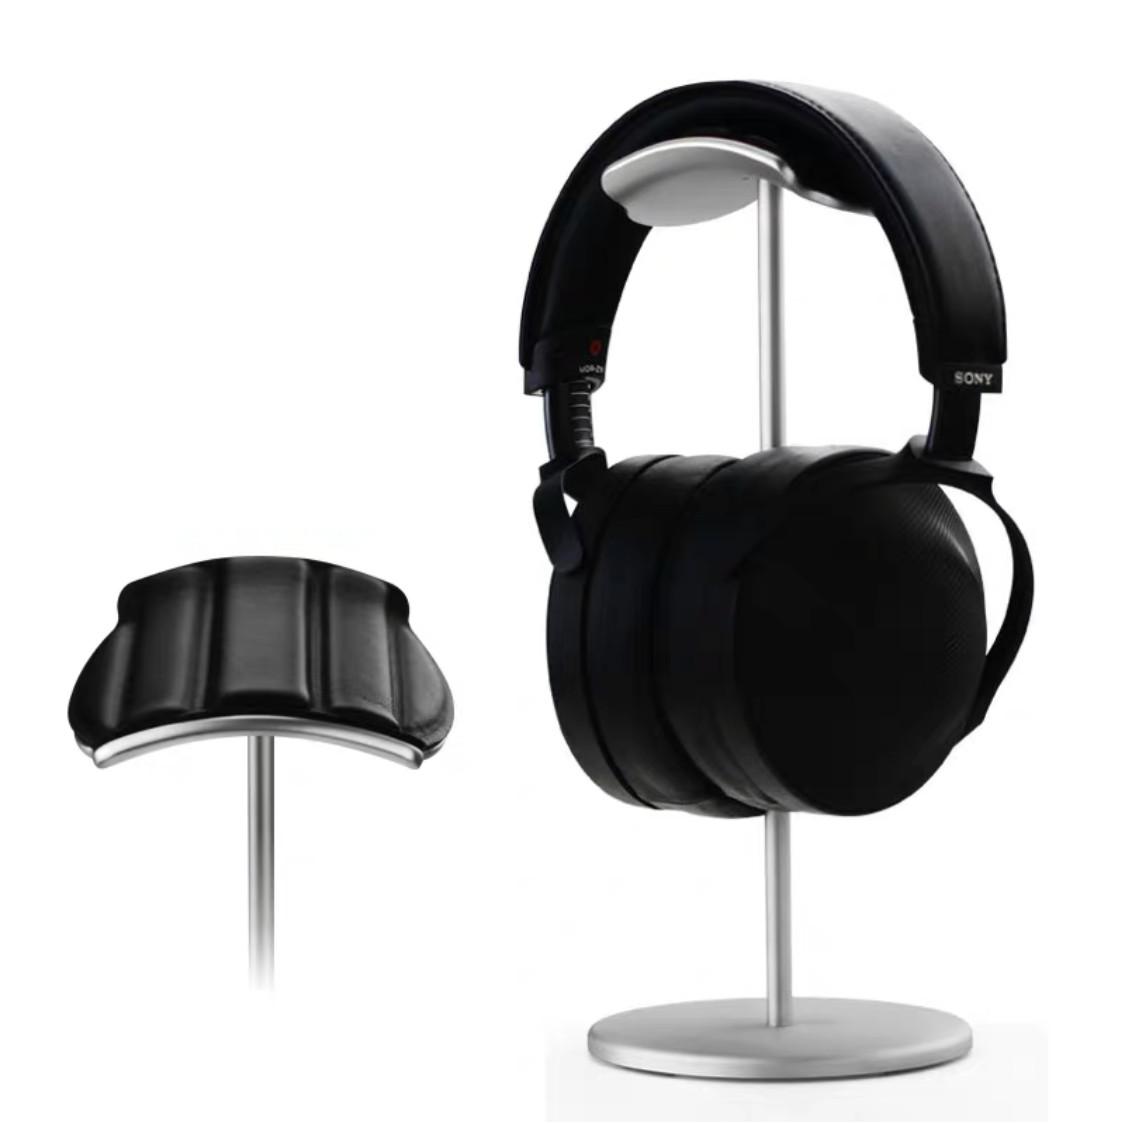 Giá treo tai nghe chụp tai nhôm nguyên khối đầu đỡ lớn bọc da cao cấp